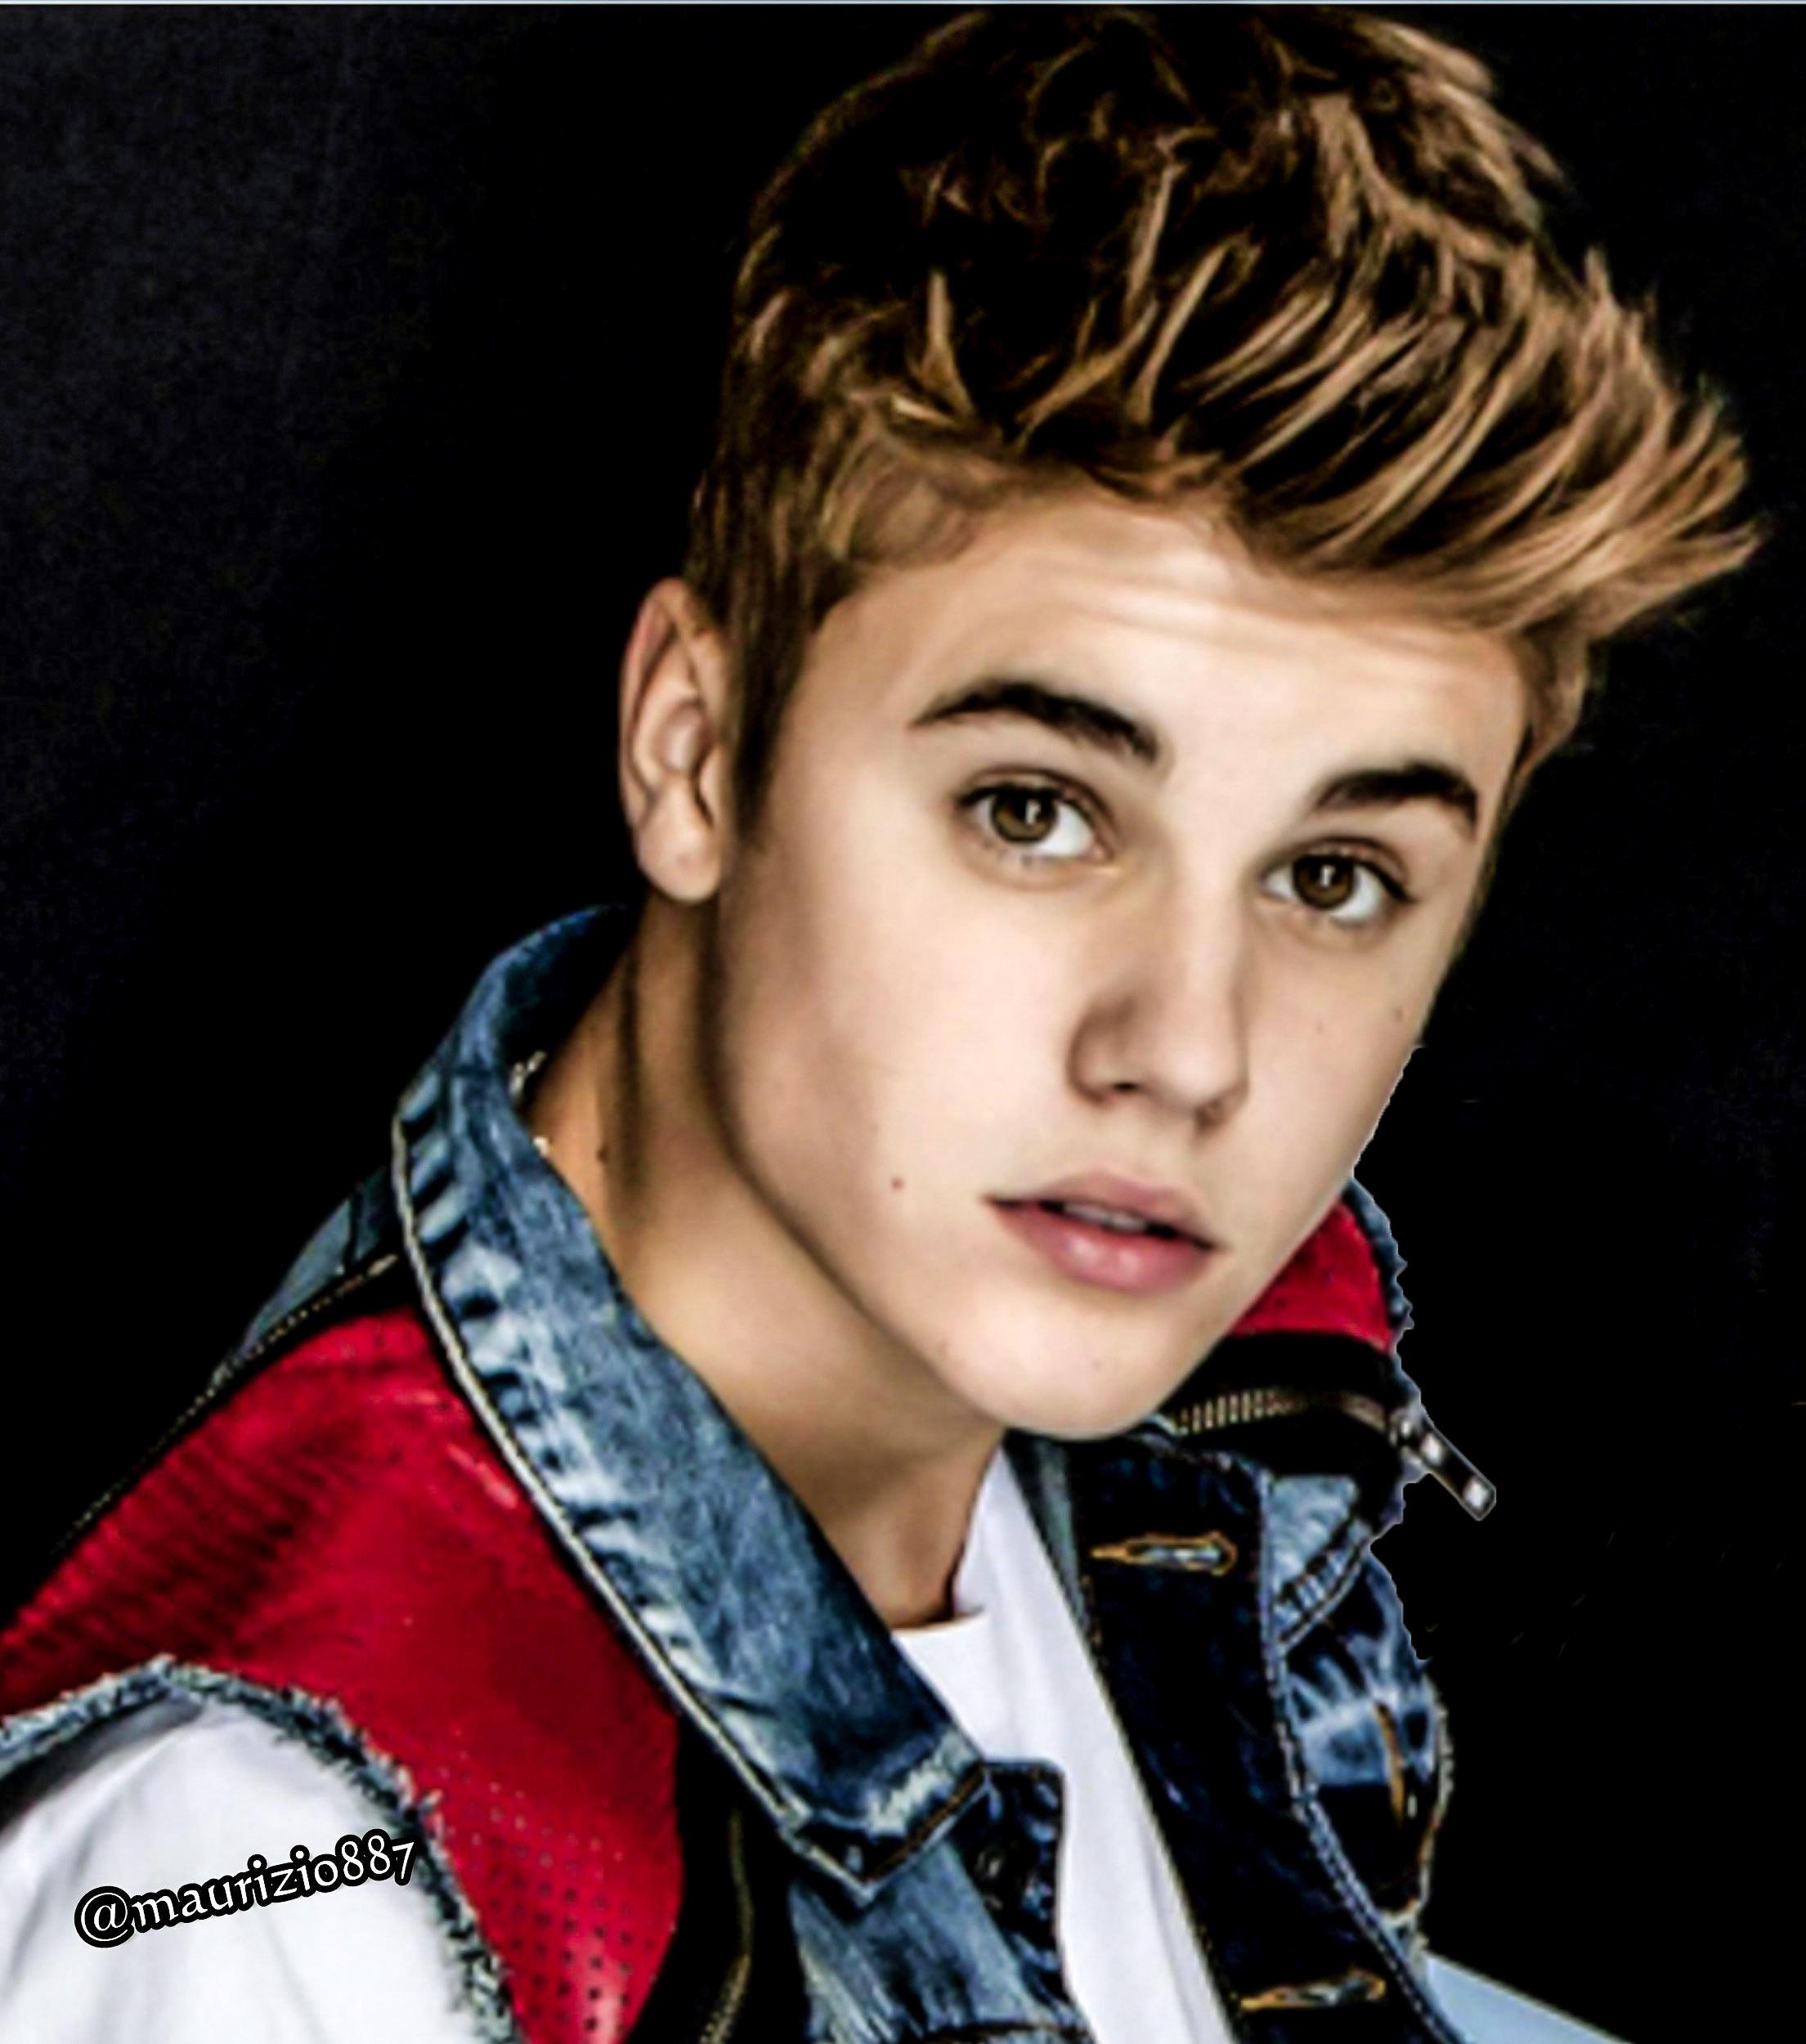 Justin Bieber New Wallpaper 2015 Wallpapersafari